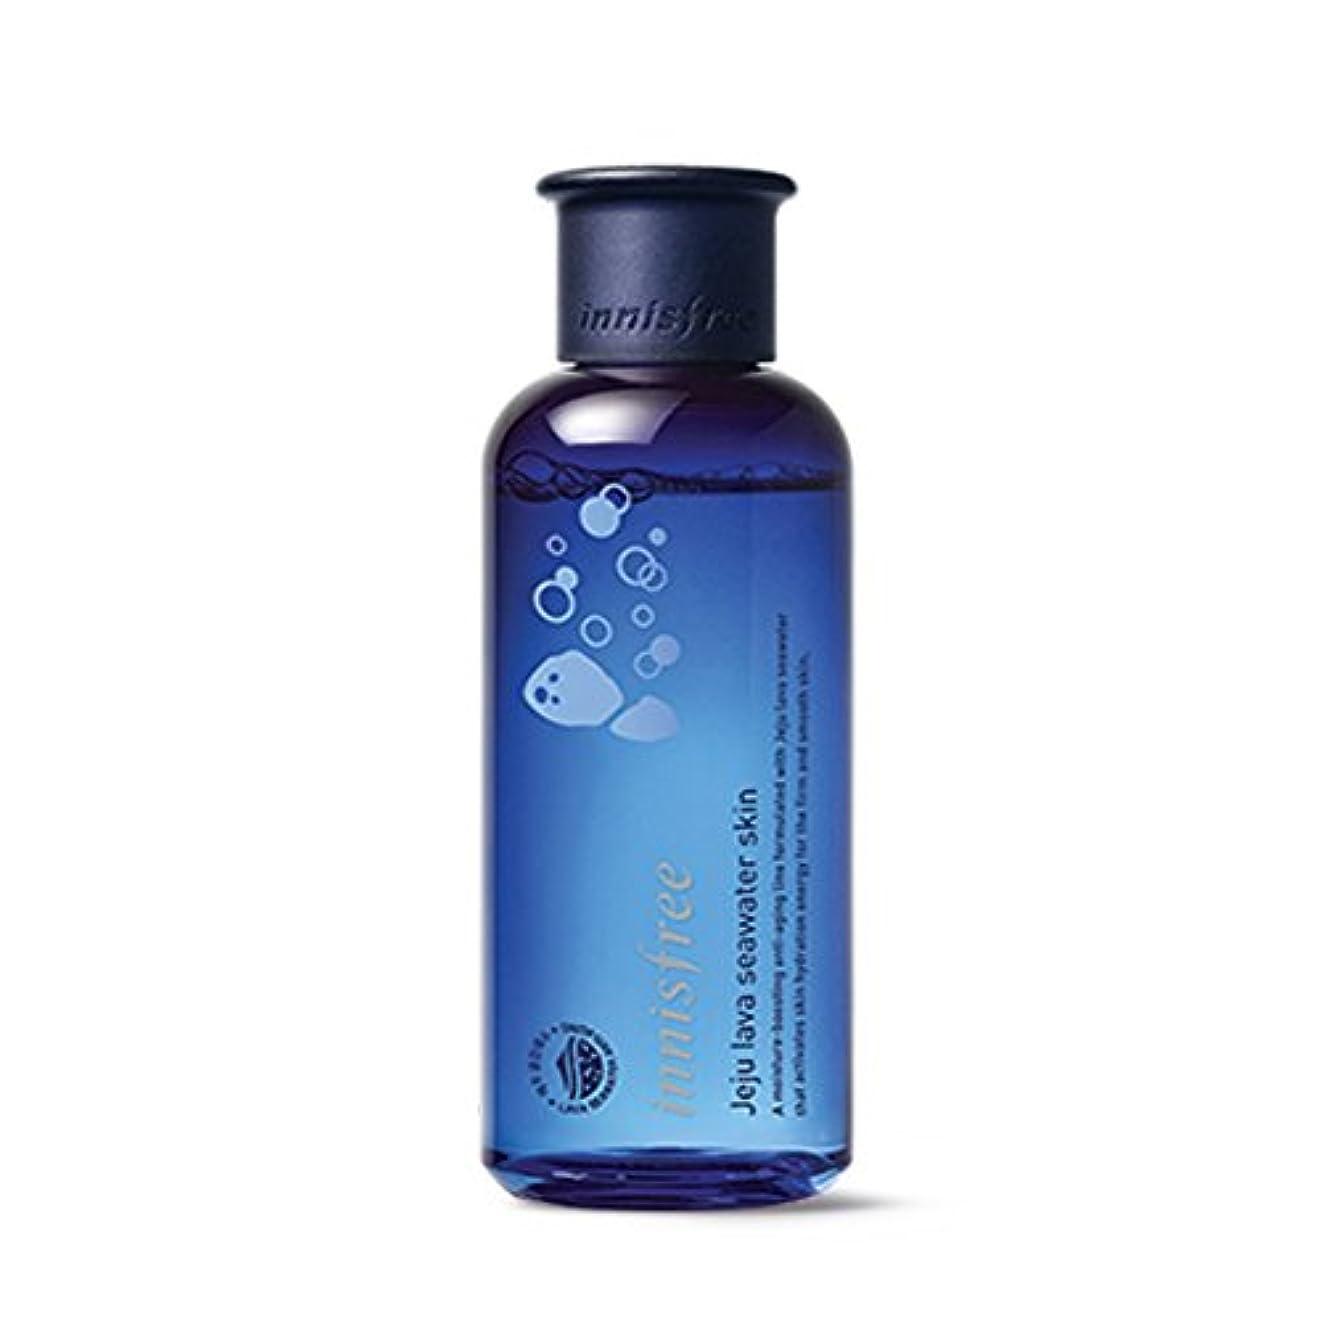 宿泊施設盲目ギャングスターイニスフリージェジュラブシーウォータースキン(トナー)200ml Innisfree Jeju Lava Seawater Skin(Toner) 200ml [外直送品][並行輸入品]